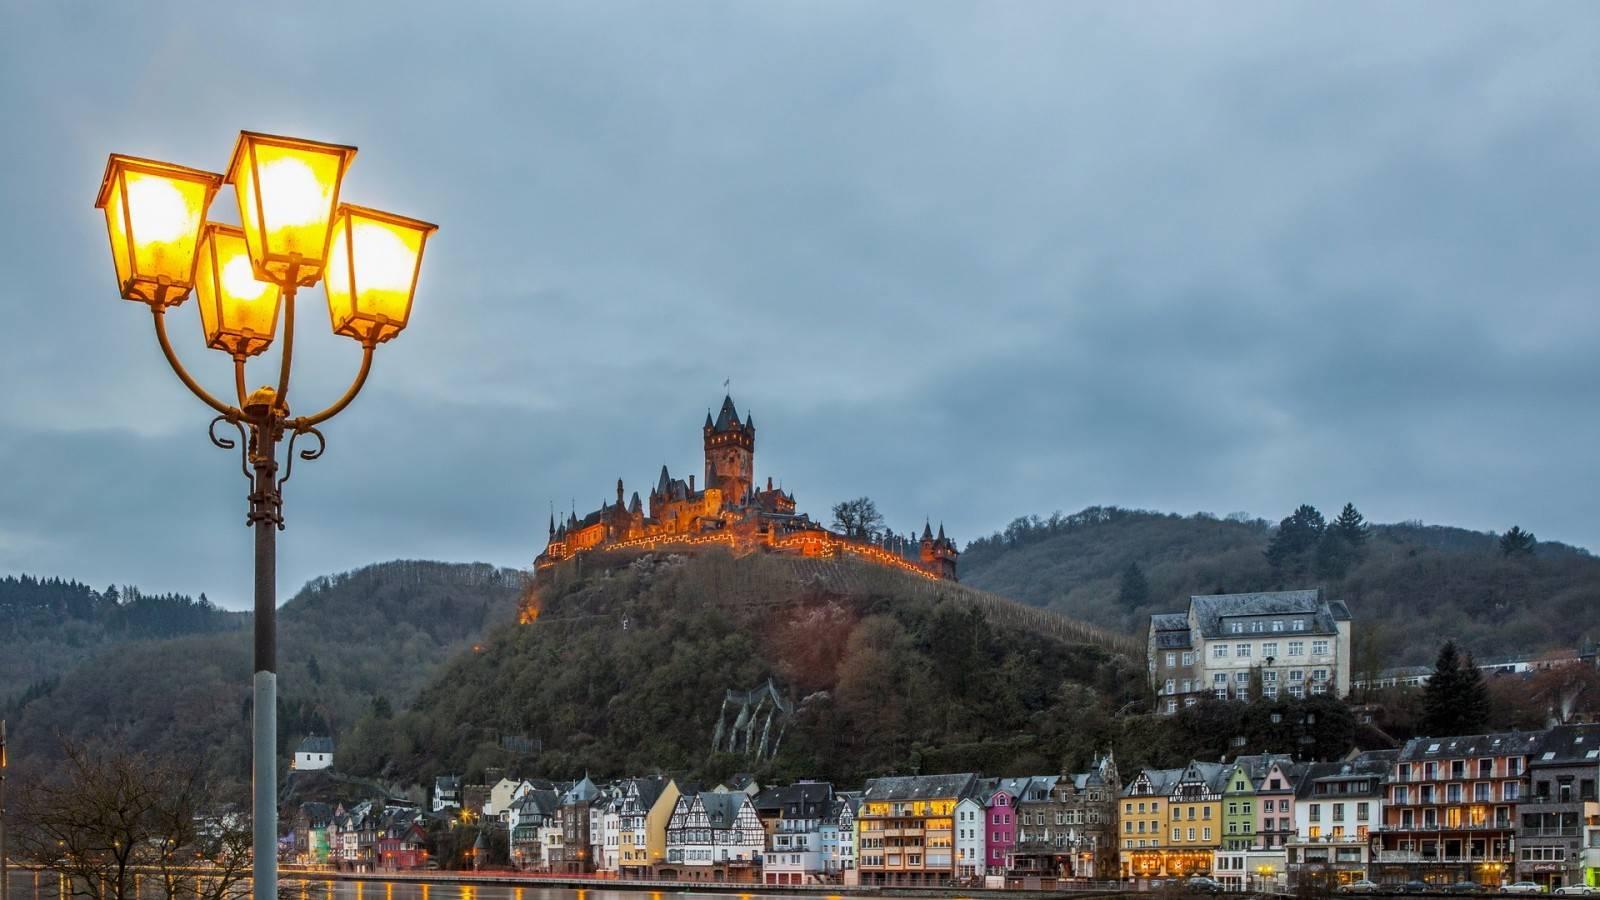 Как добраться: франкфурт-на-майне, германия - cоветы путешественникам как доехать до нужного места